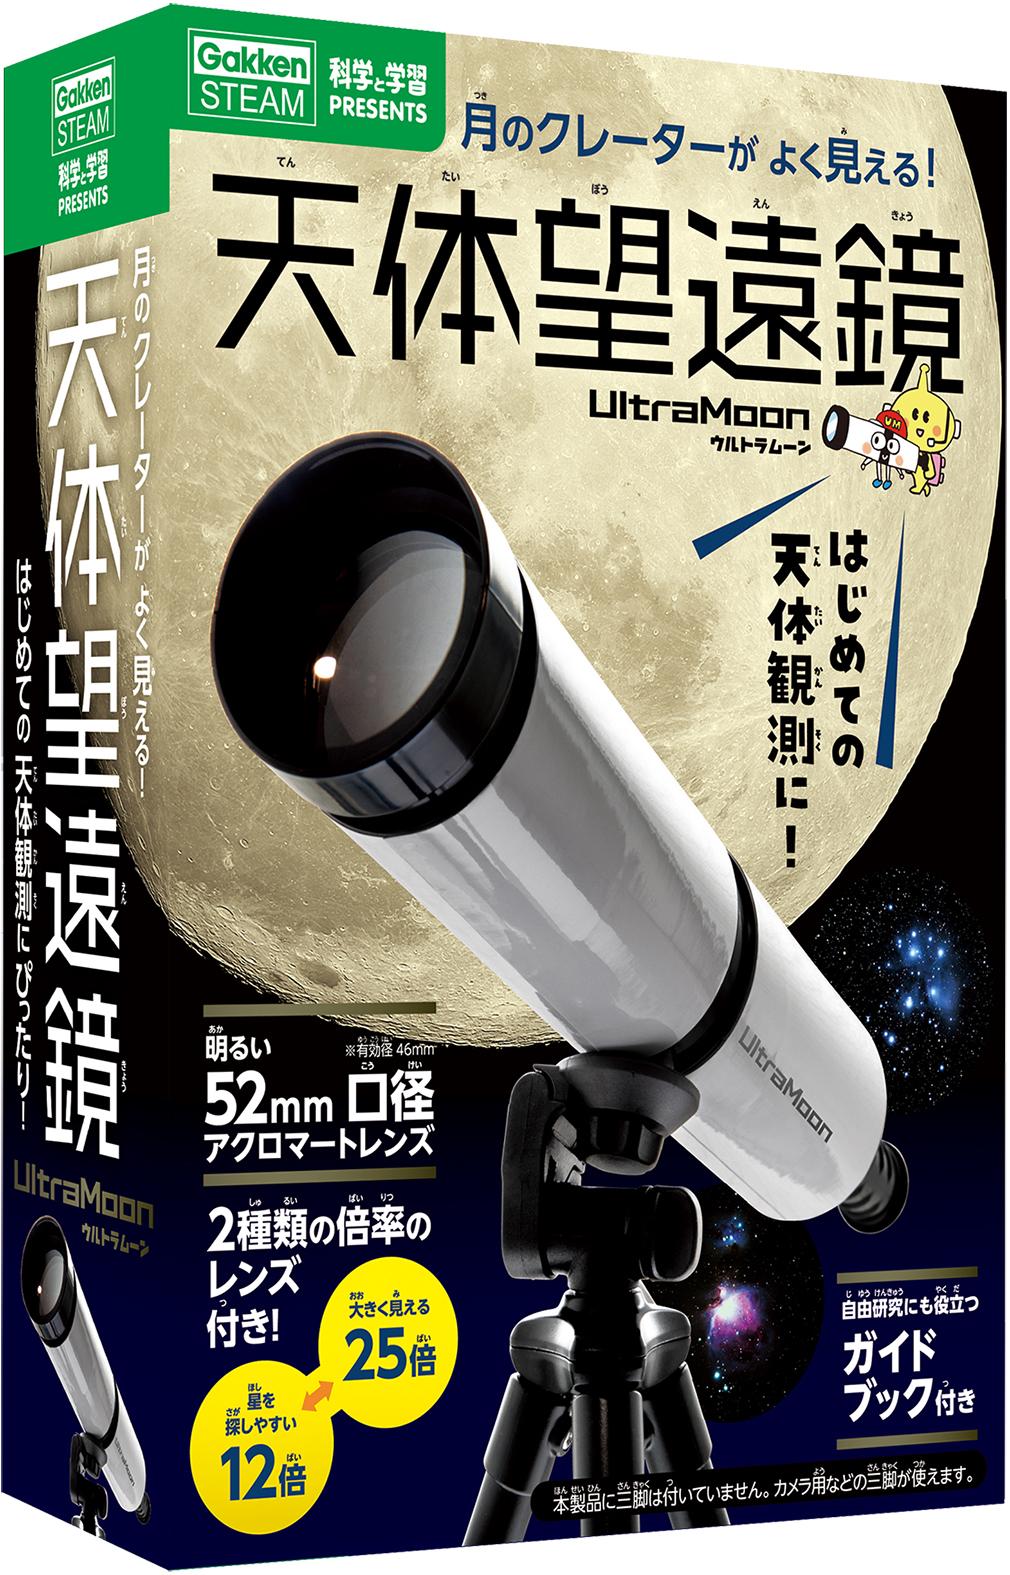 『科学と学習PRESENTS天体望遠鏡ウルトラムーン』パッケージ